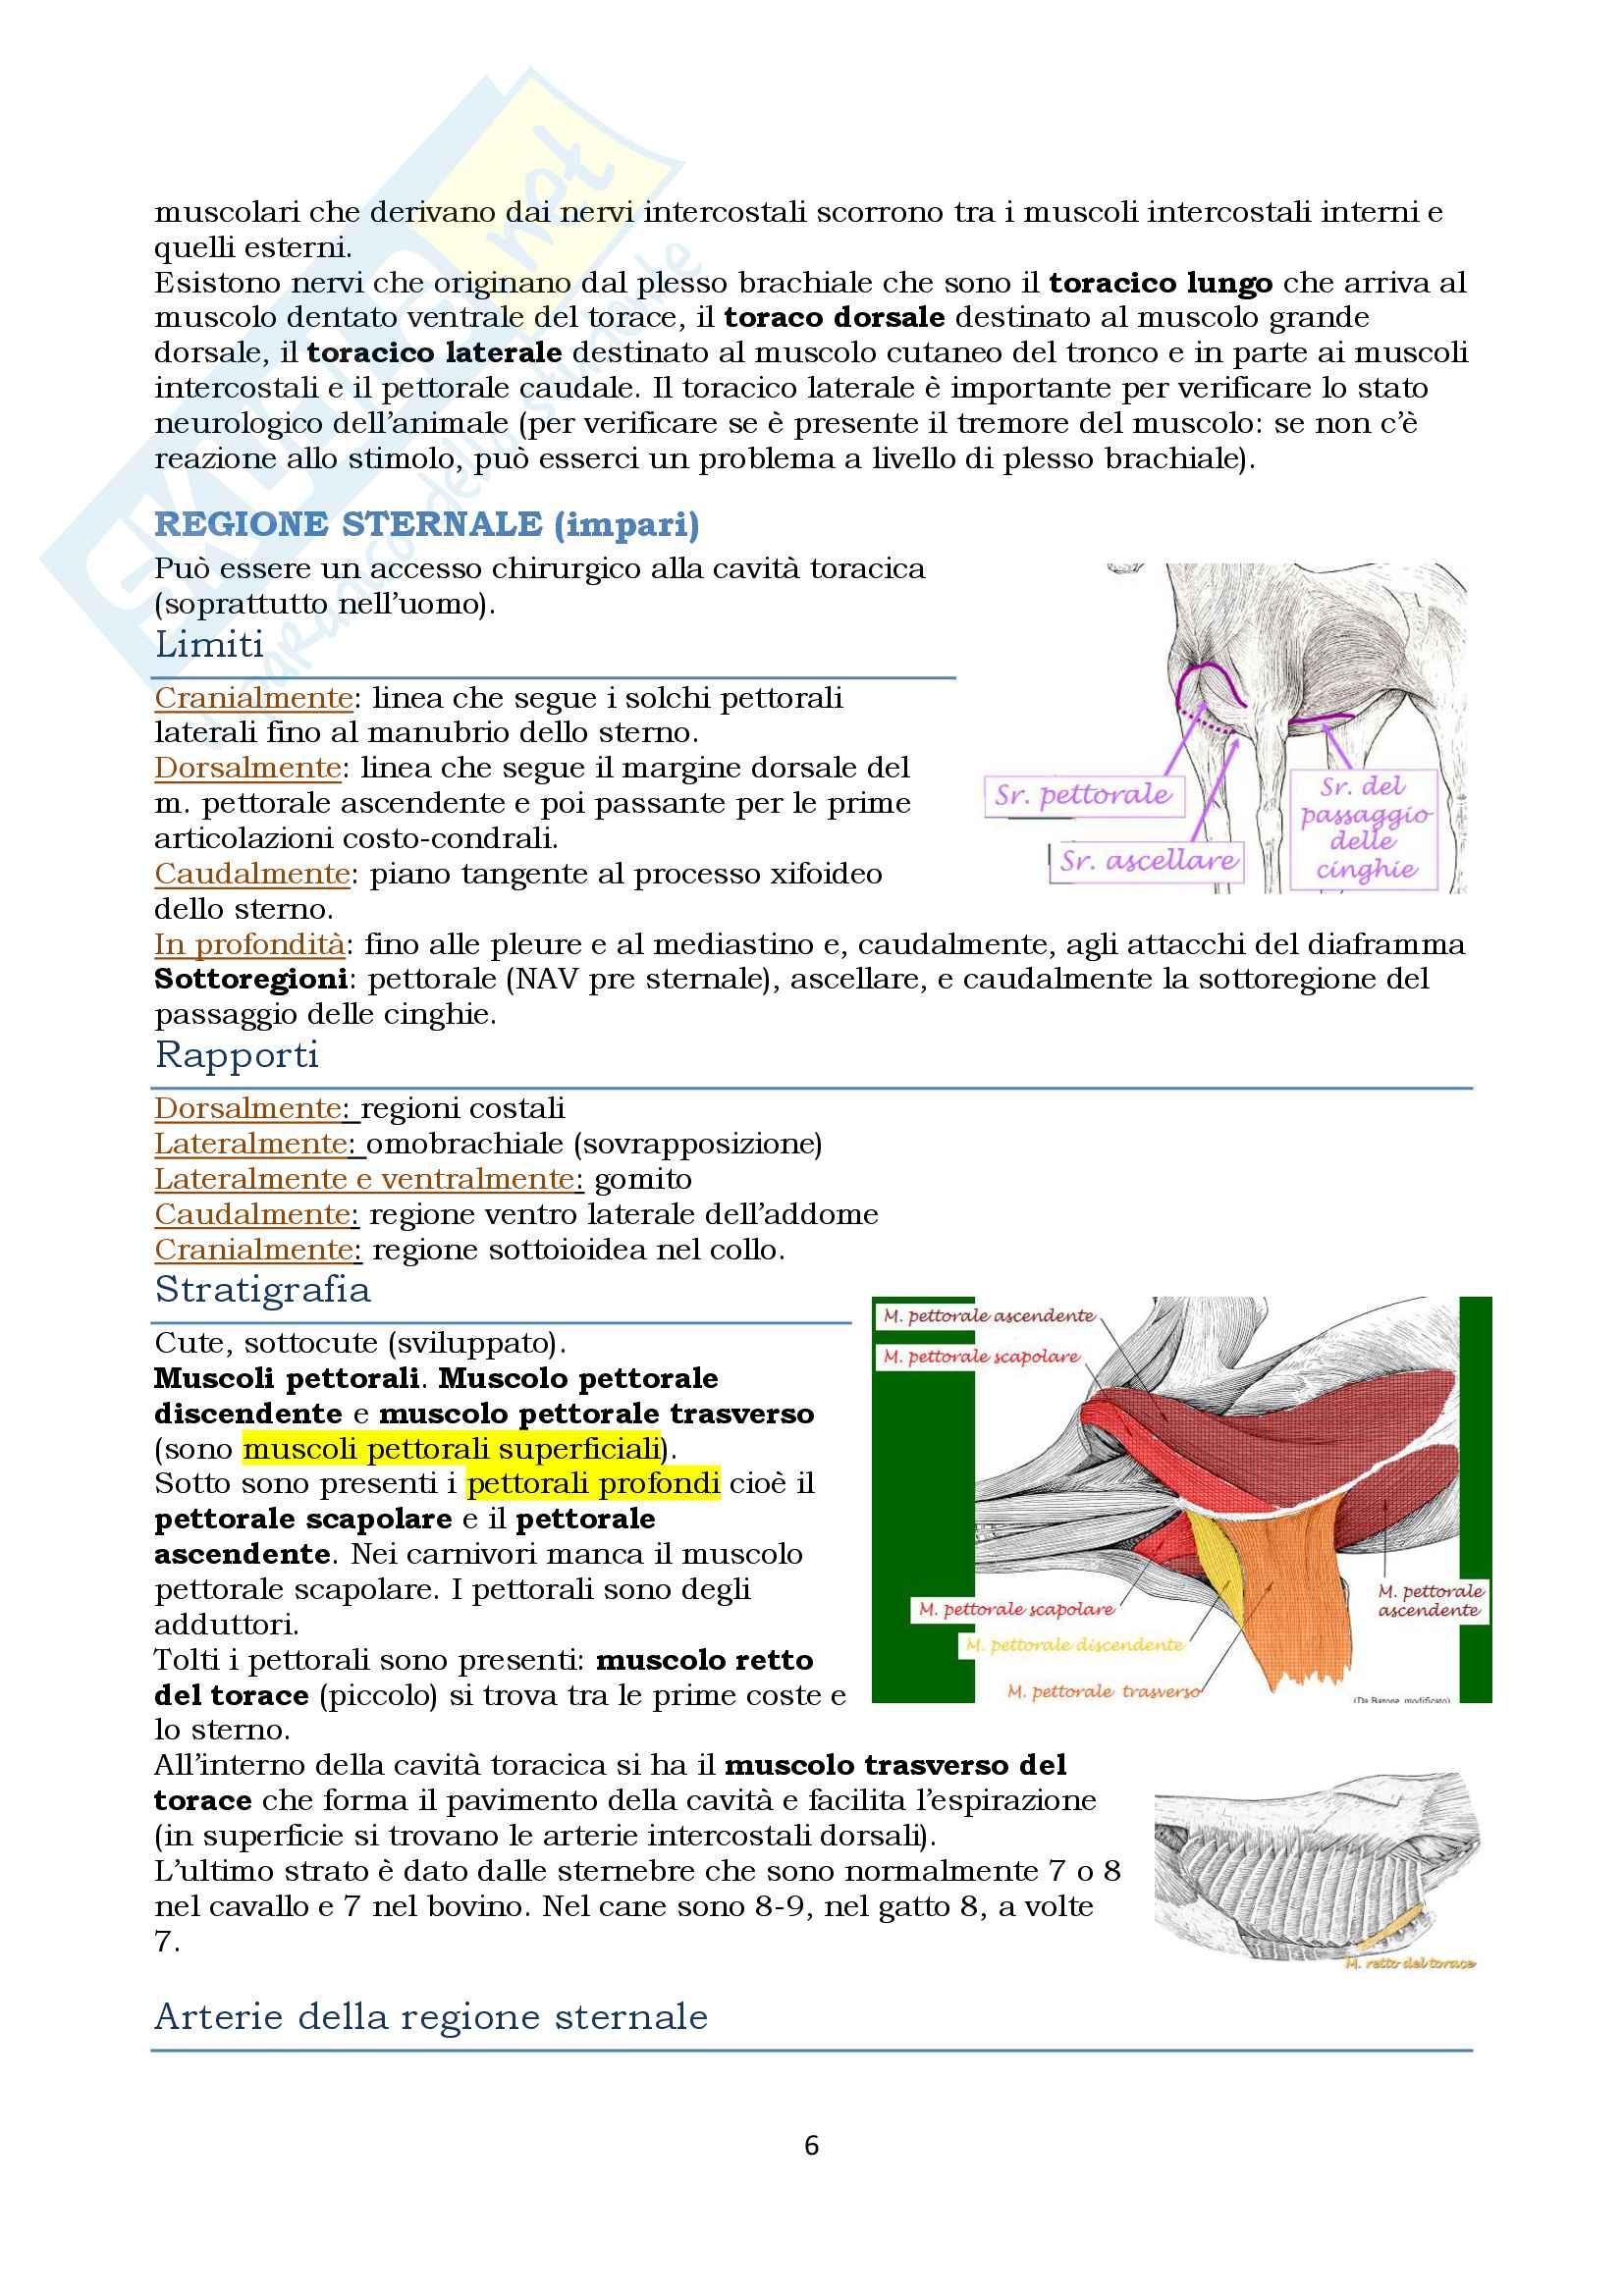 Anatomia topografica veterinaria parte II (piccoli e grandi animali) Pag. 6